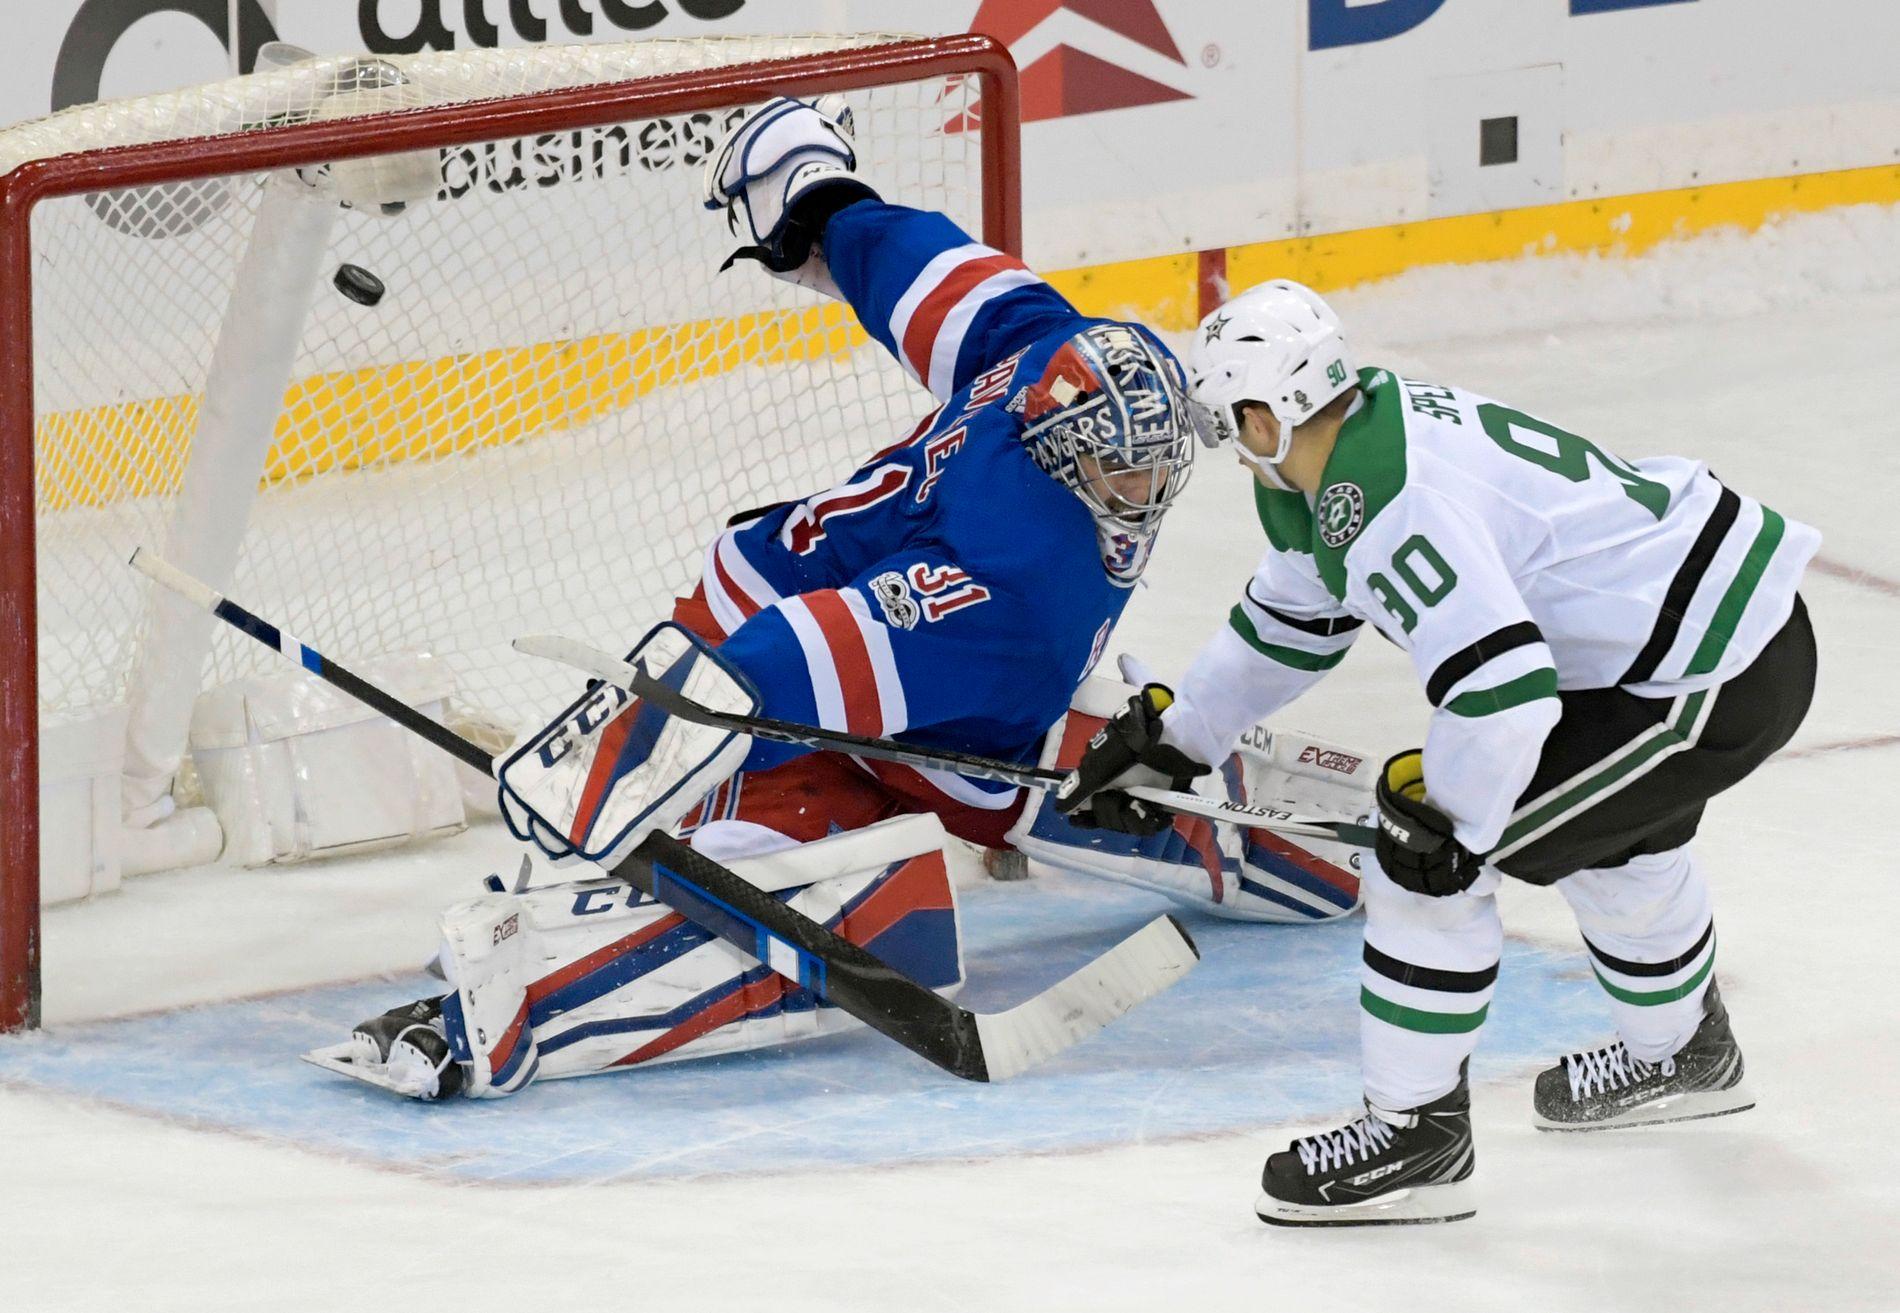 VINNERMÅLET: Dallas Stars' Jason Spezza satte pucken i nettet bak New York Rangers-målvakt Ondrej Pavelec.